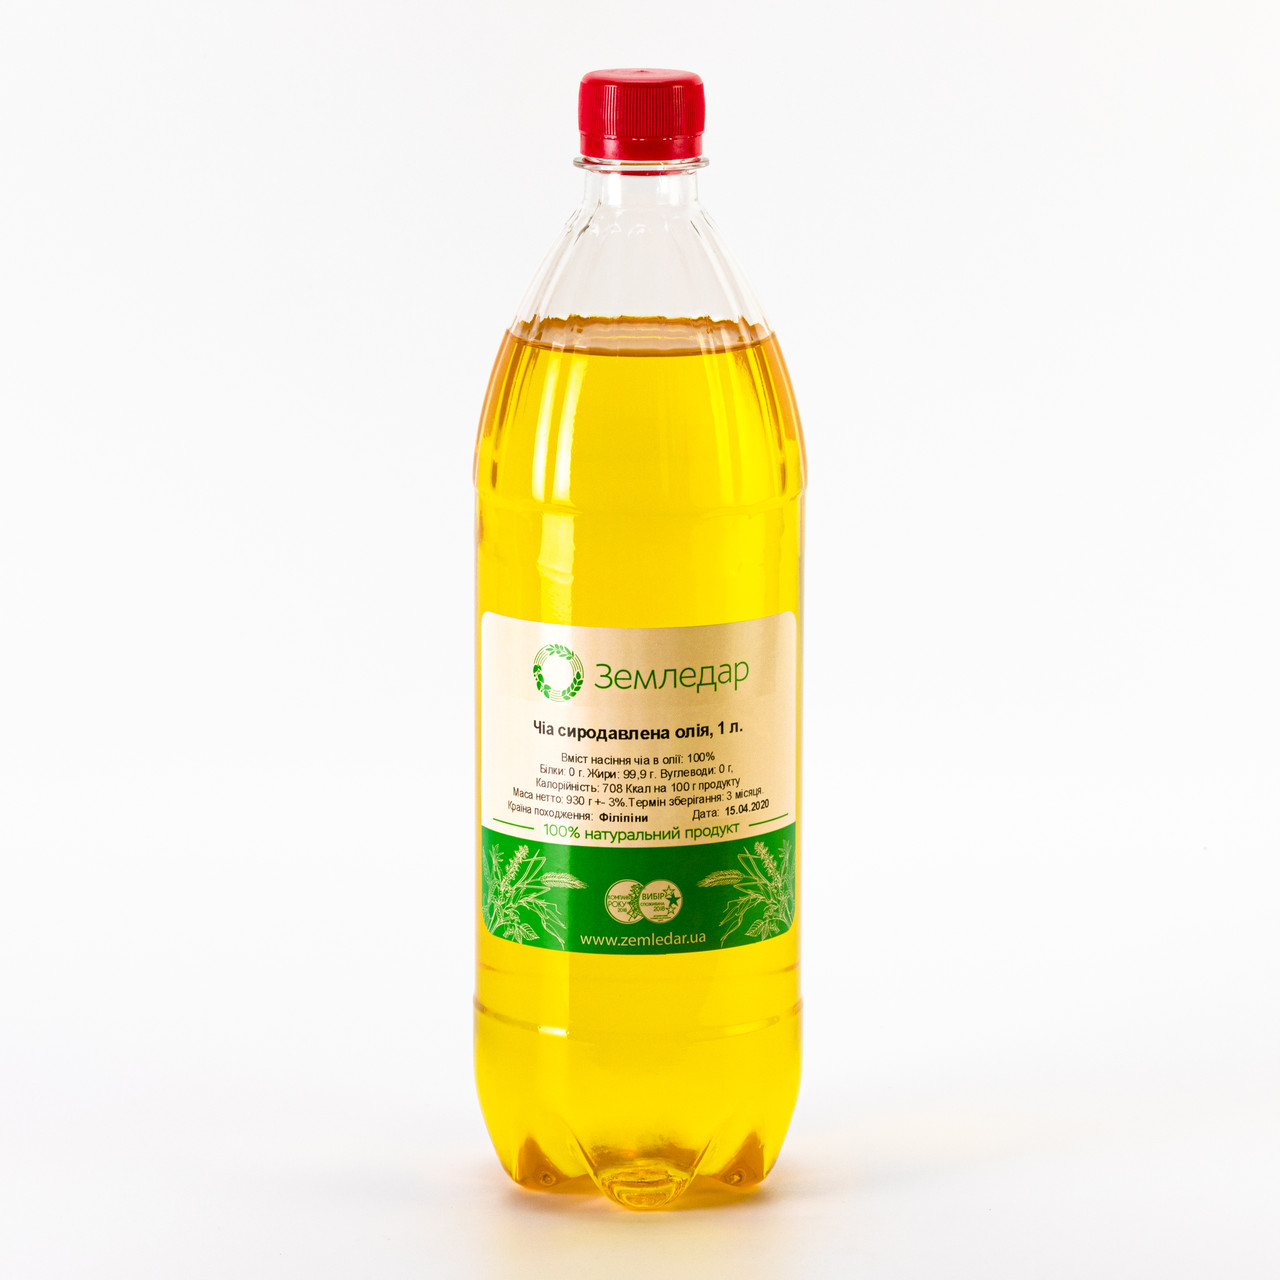 Чиа масло 1 л сертифицированное без ГМО сыродавленное холодного отжима